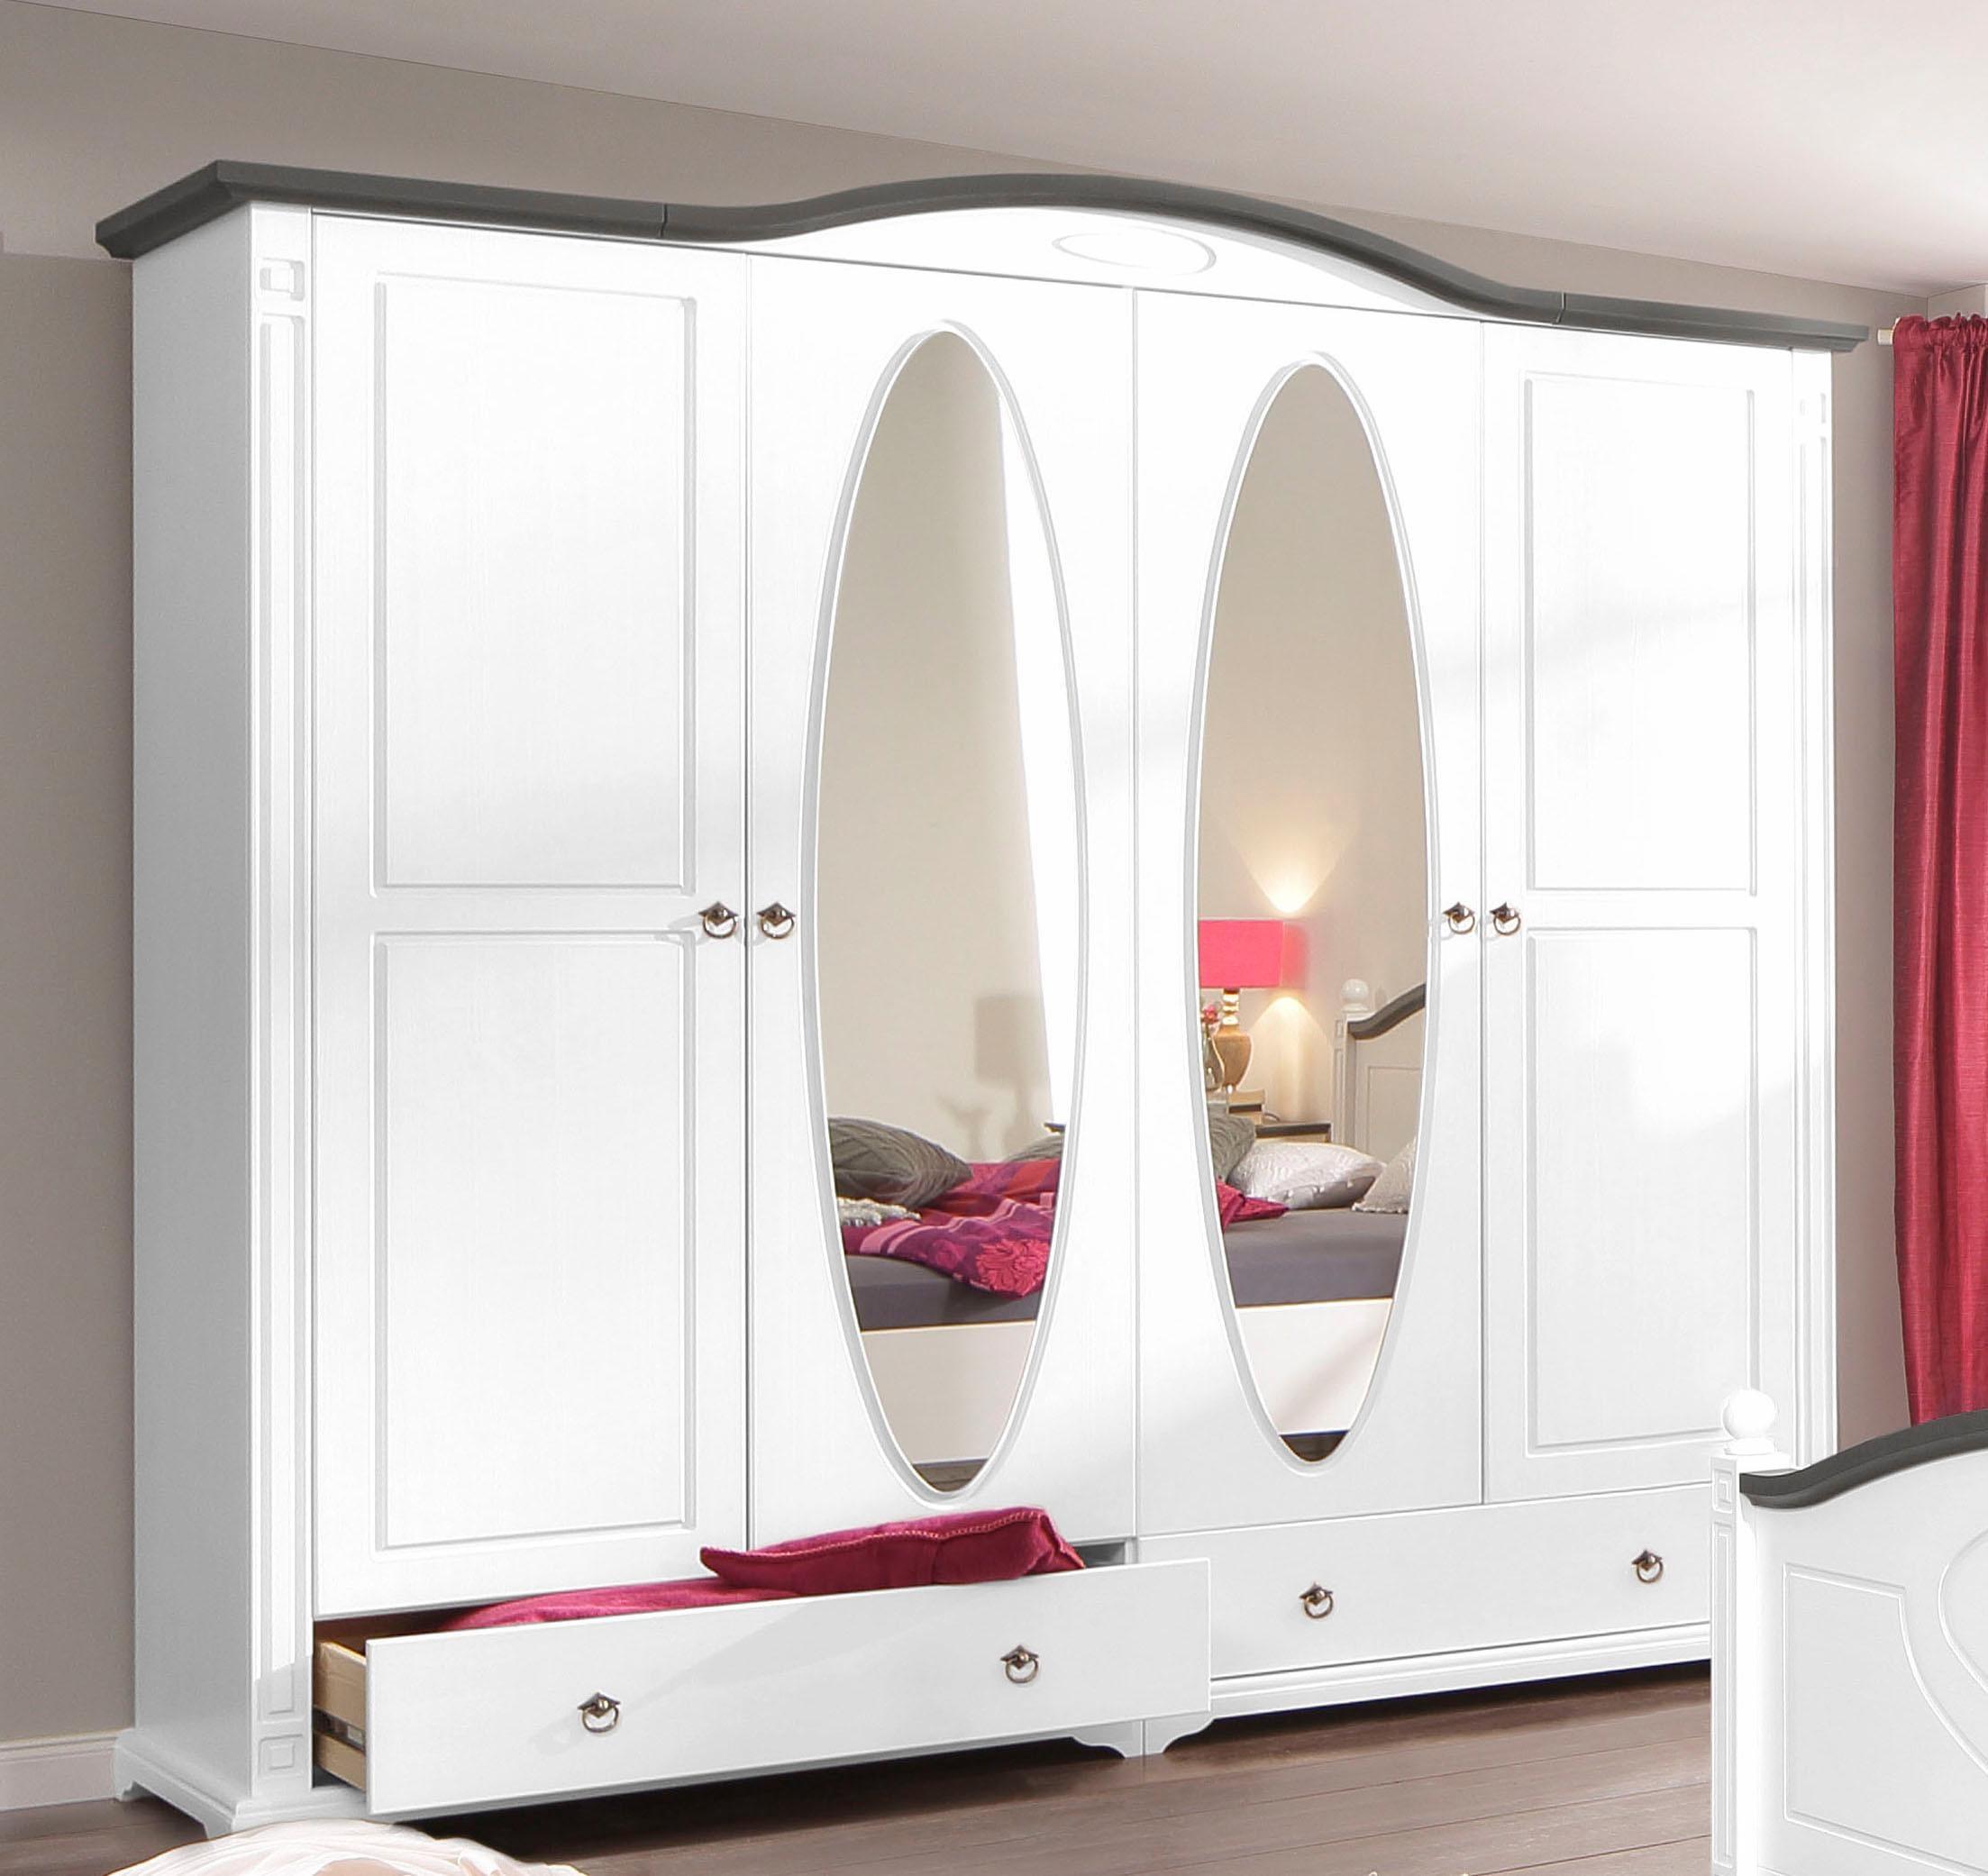 Home affaire Kleiderschrank Mila wahlweise 2- 3- 4- 5- oder 6-türg in 2 Farben ab 3-trg mit Spiegel